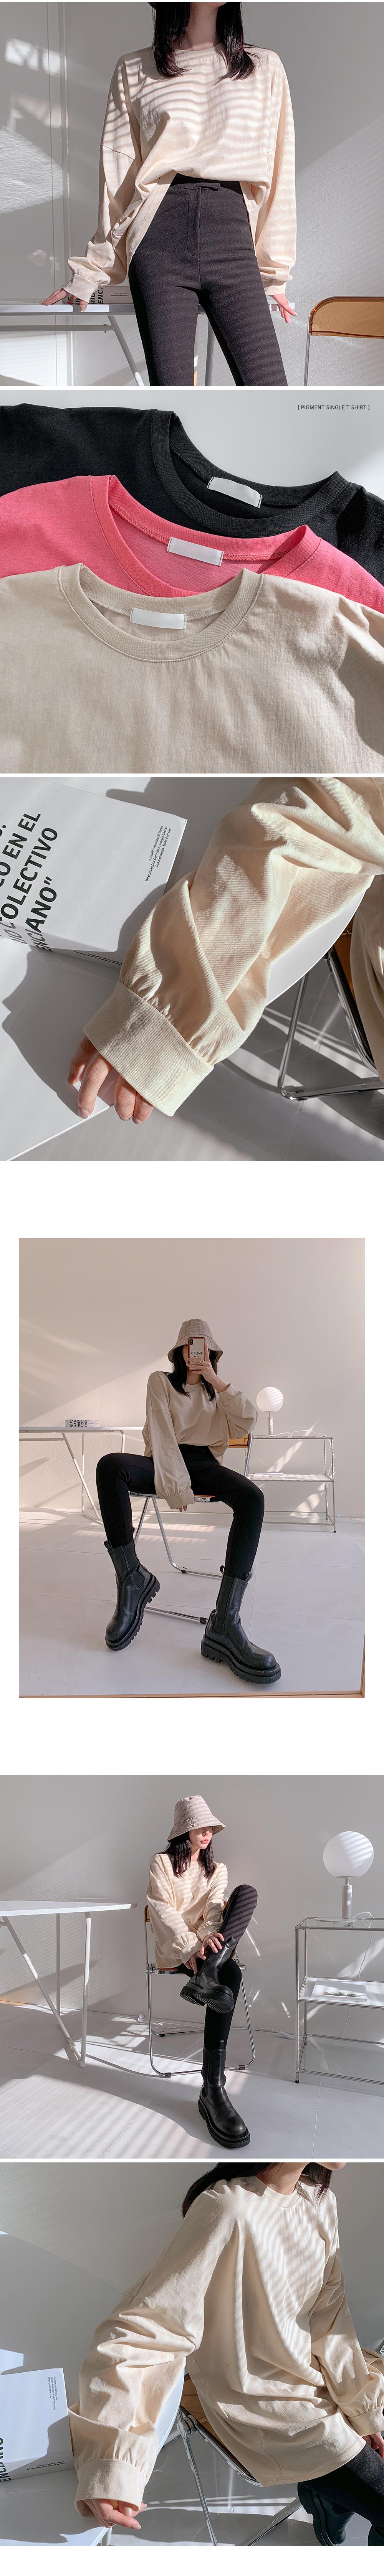 악세사리 모델 착용 이미지-S2L3